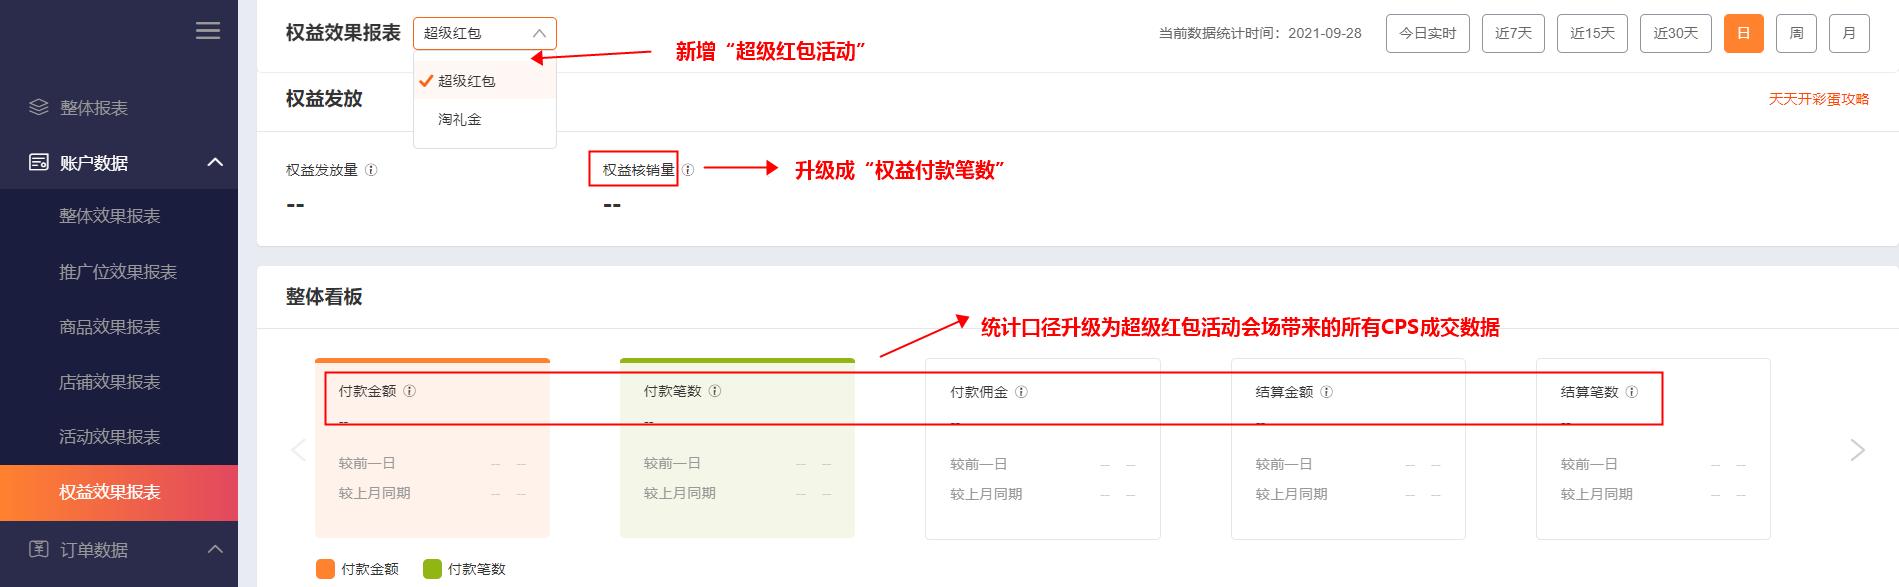 """021年双11超级红包推广攻略"""""""